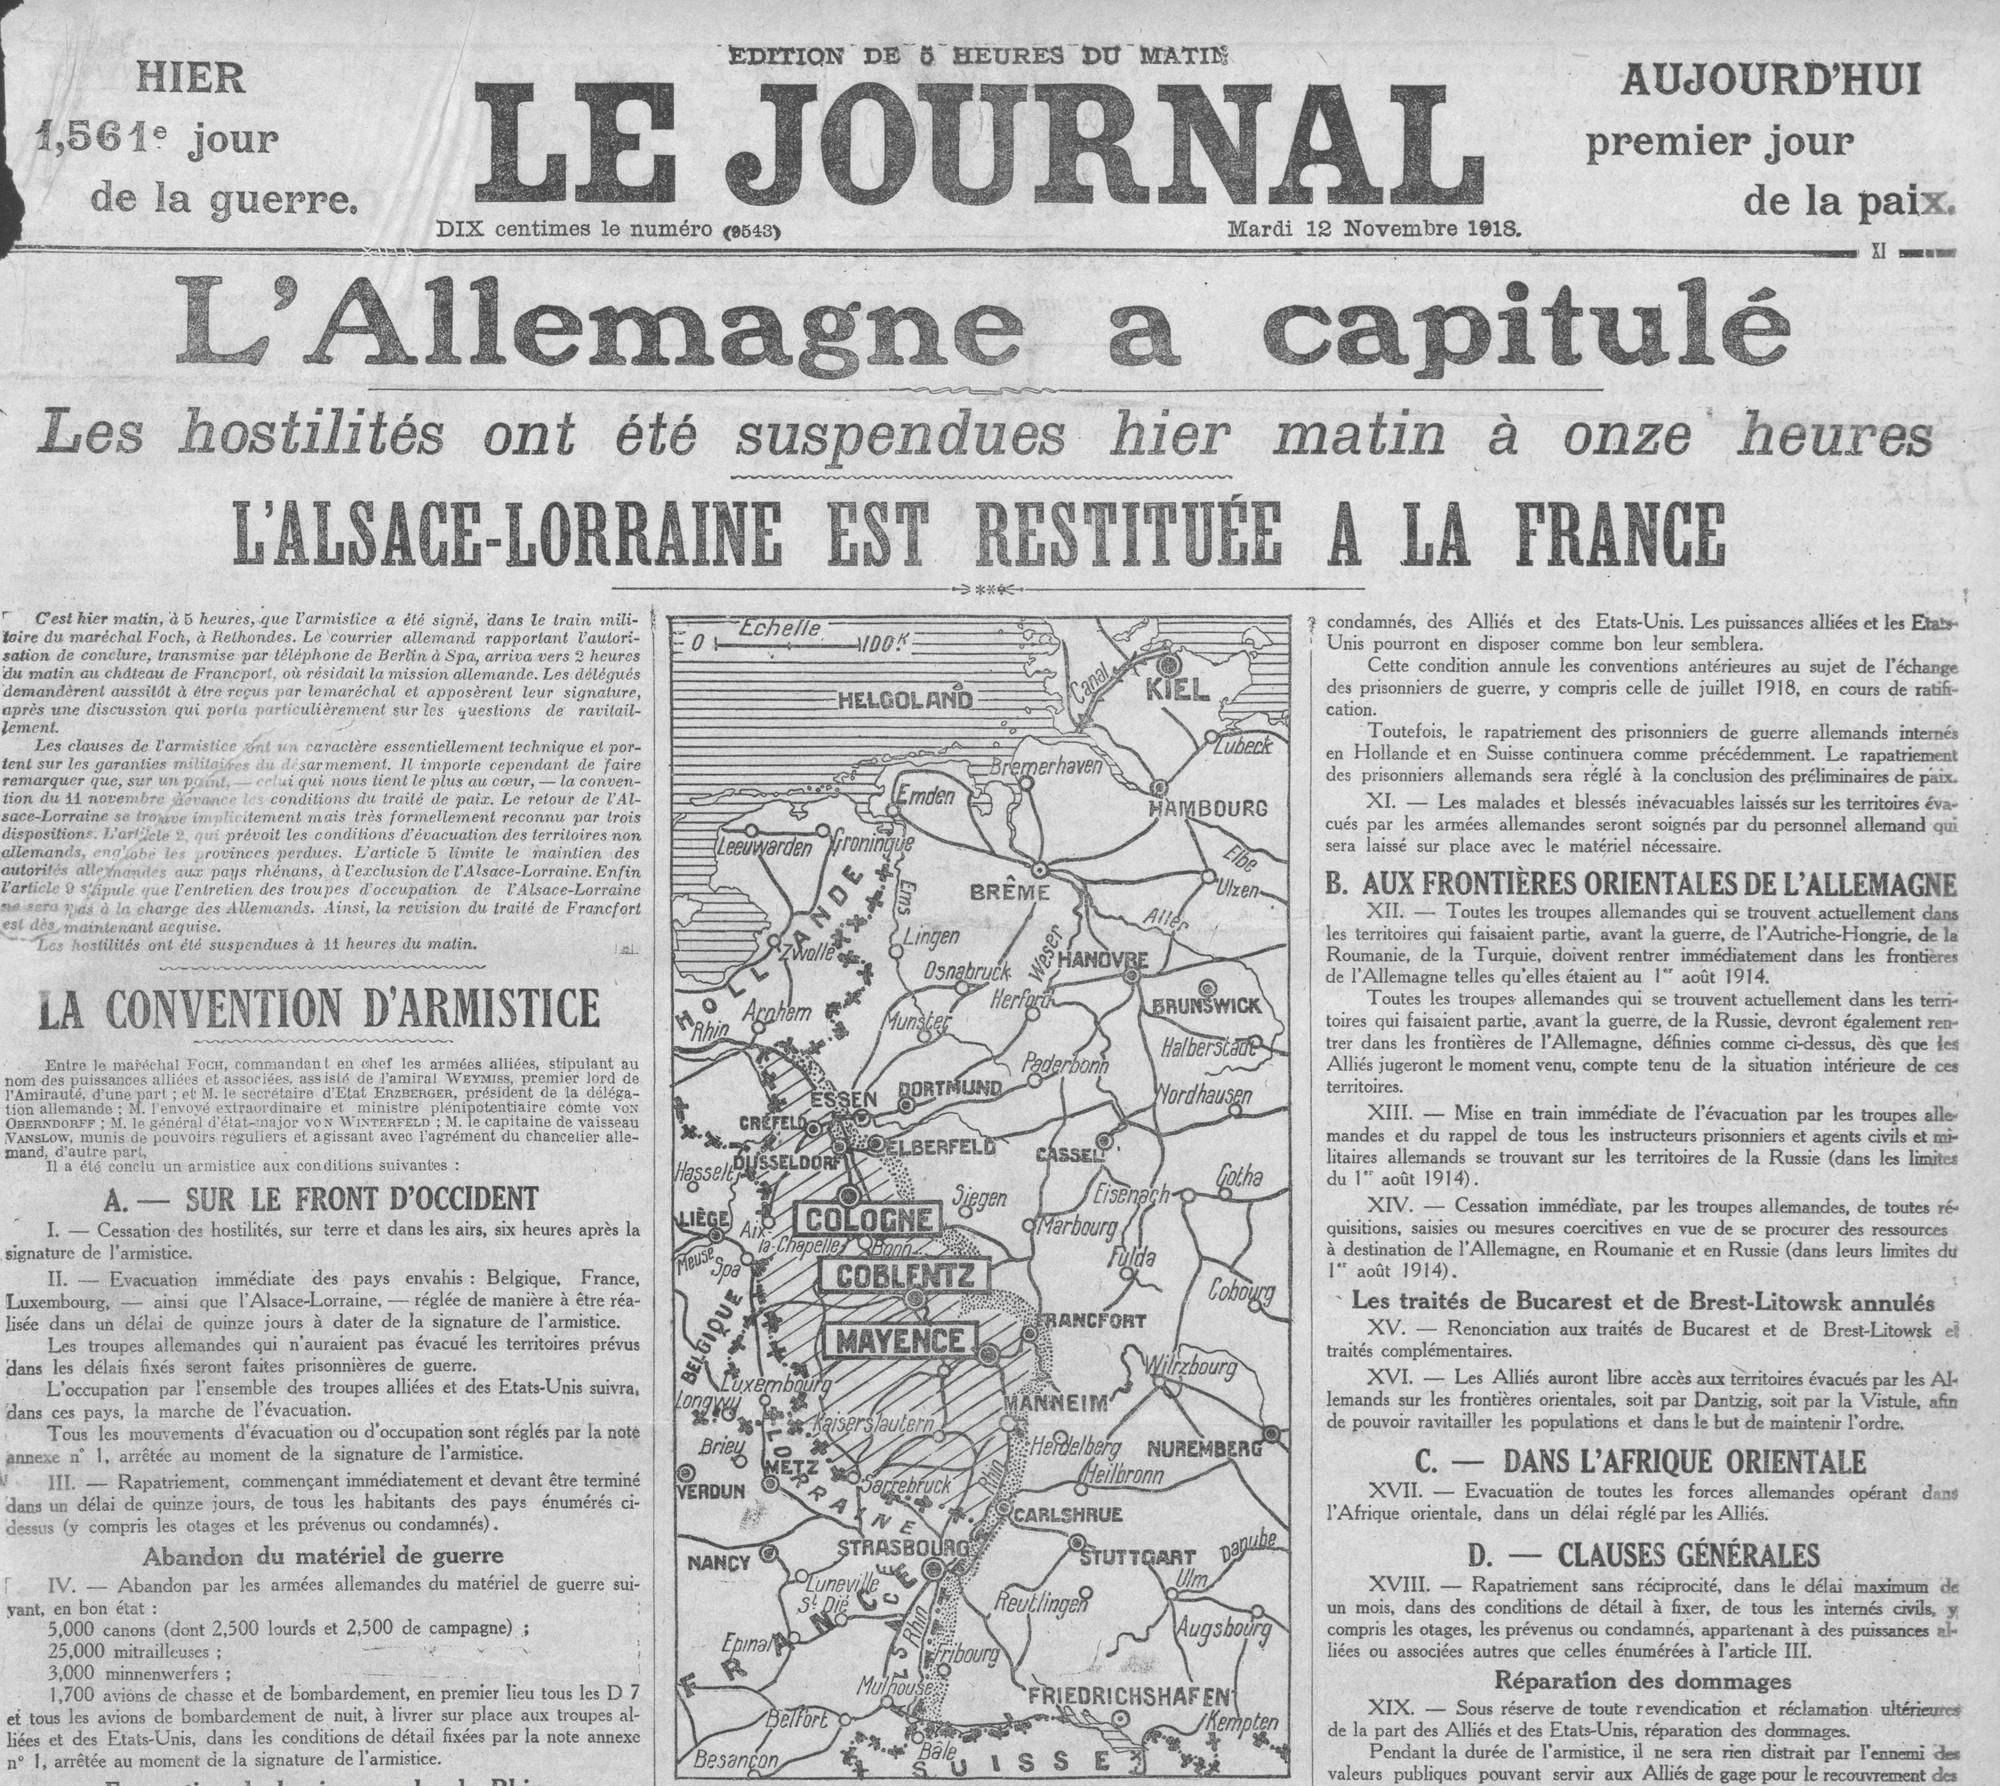 La une du Journal du 12 novembre 1918